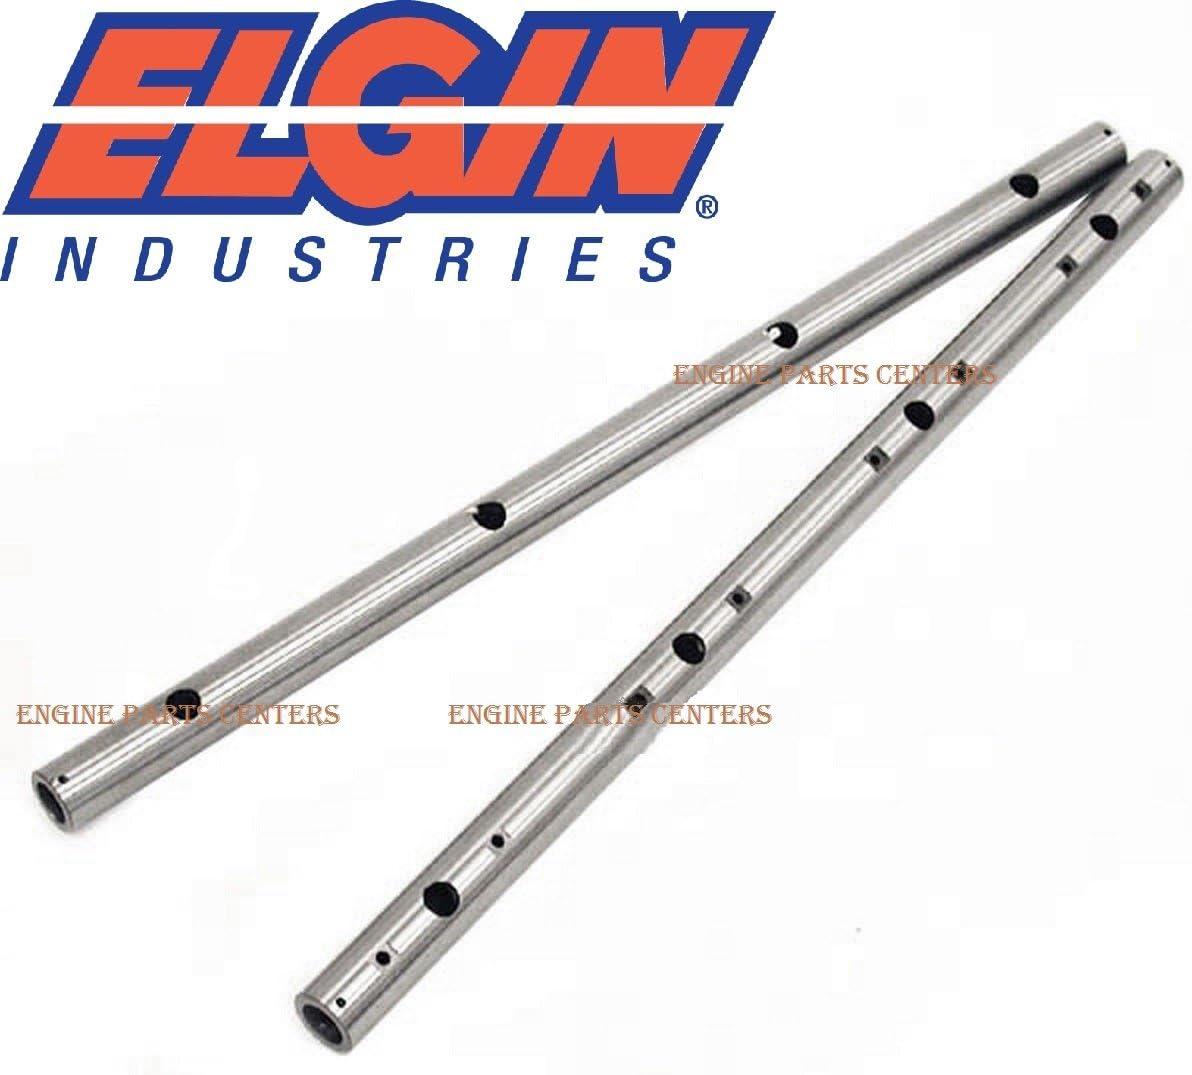 Rocker Shaft Set for Mercury Ford FE 330 352 360 390 410 428 428 2 shafts